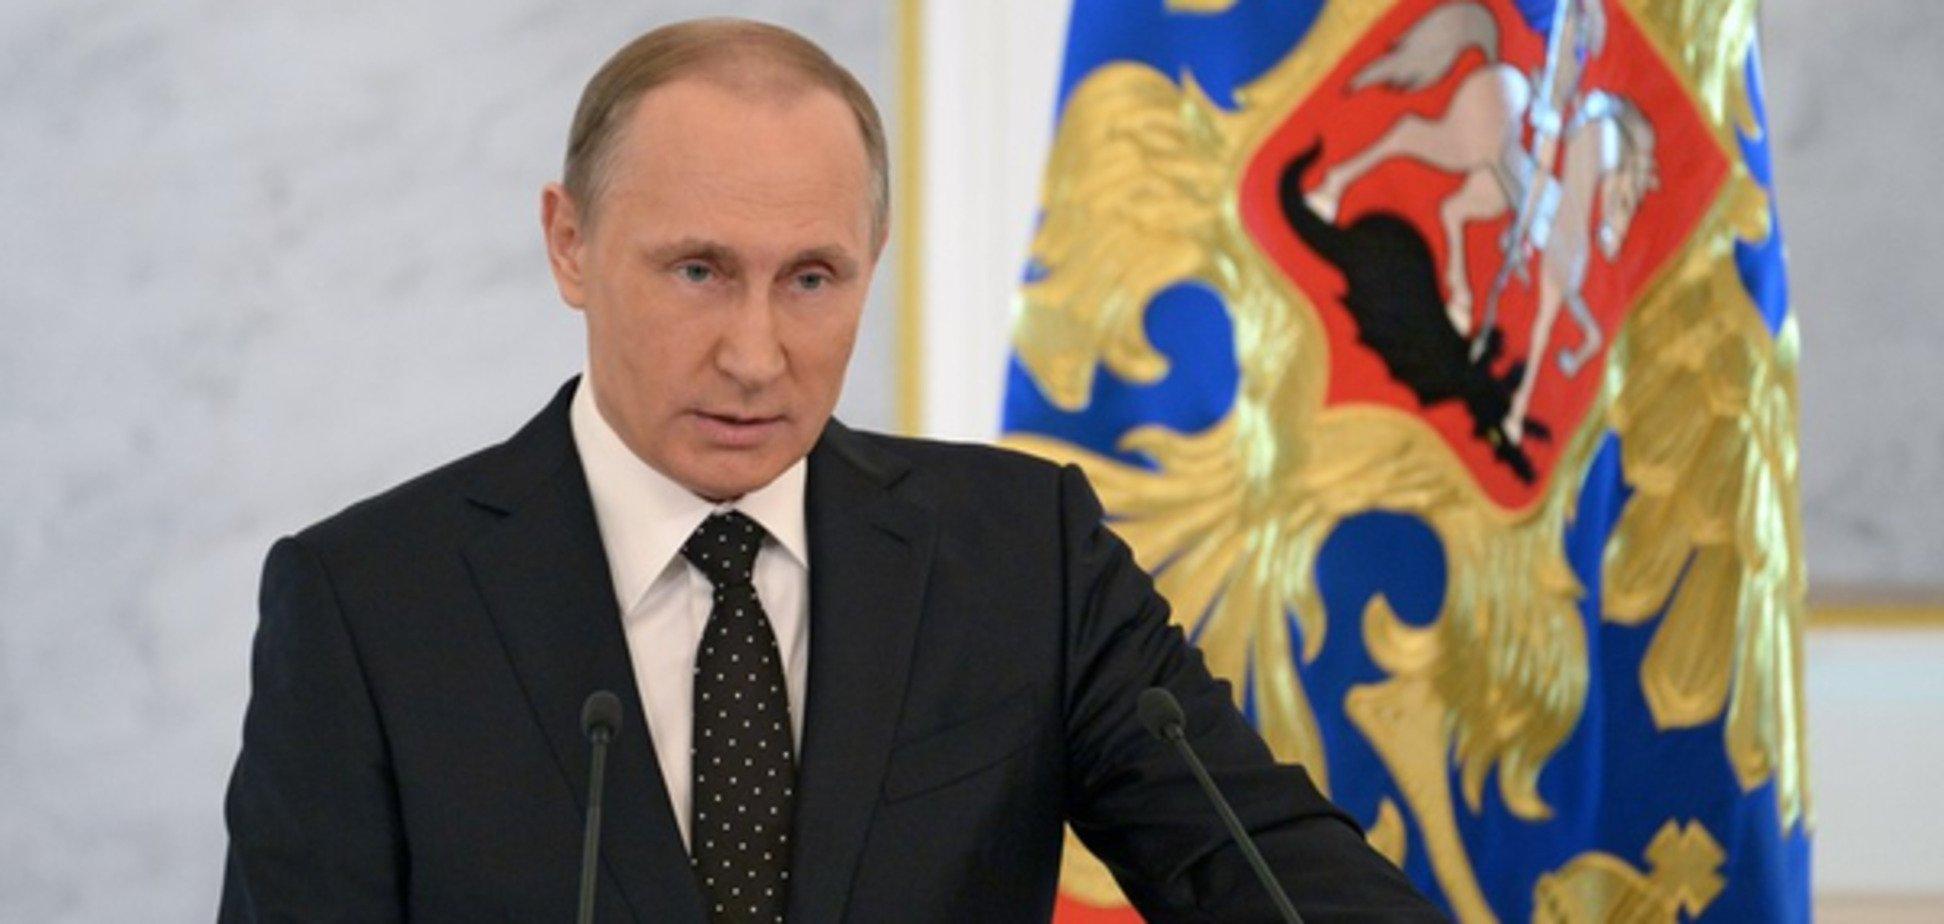 Туреччина не остання: Пономарьов розповів, де ще Путін має намір розпалити конфлікт